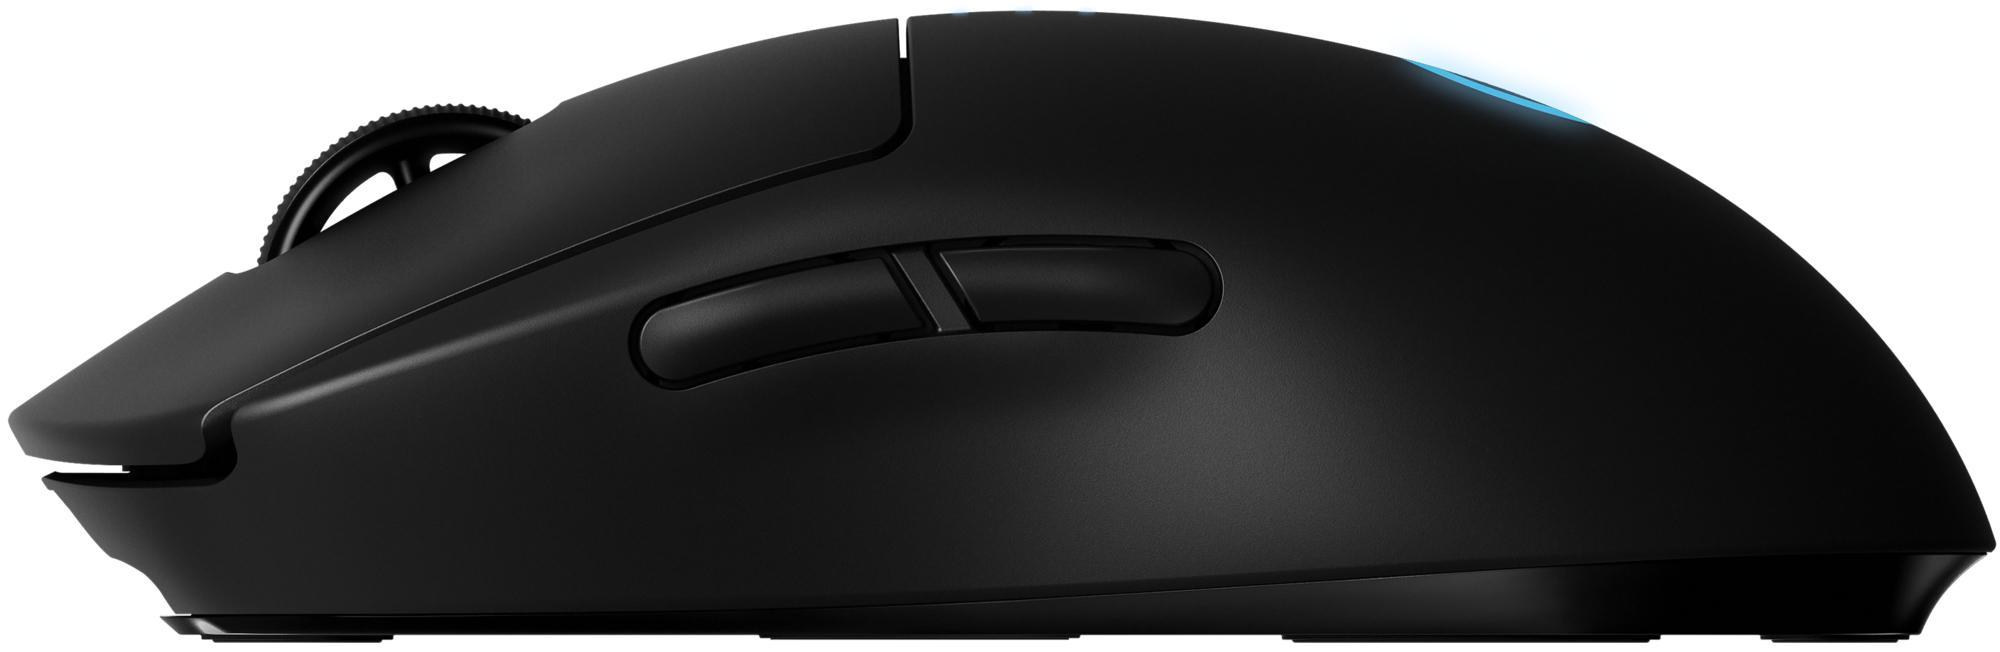 Logitech G G PRO ratón 16000 DPI Ambidextro